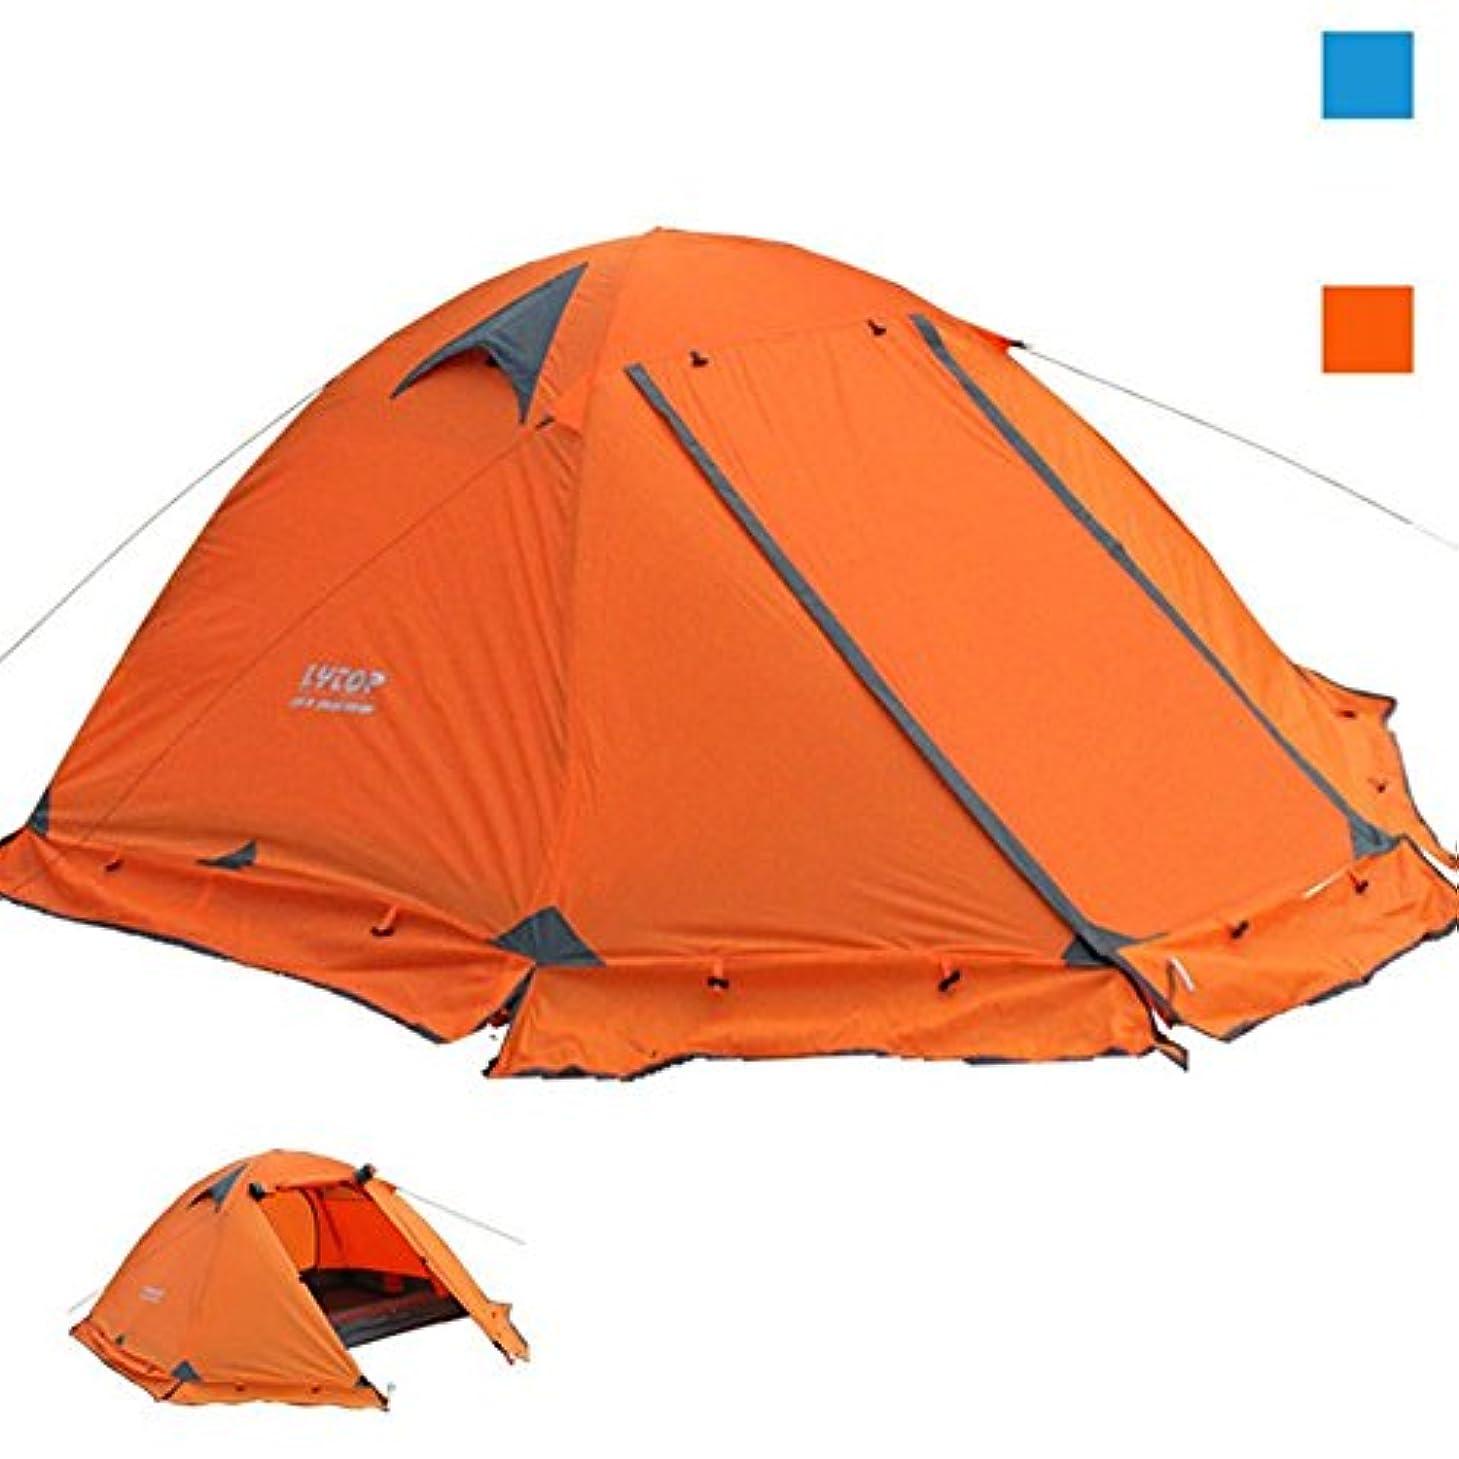 機械的ガスマキシムテント 2人用 4シーズンに適用 軽量 アウトドア キャンプ用品 テント 二層アルミポール 防水 通気性 防雨 防風 防災 アウトドア/ビーチ/登山/遠足/ピクニック/災害時など